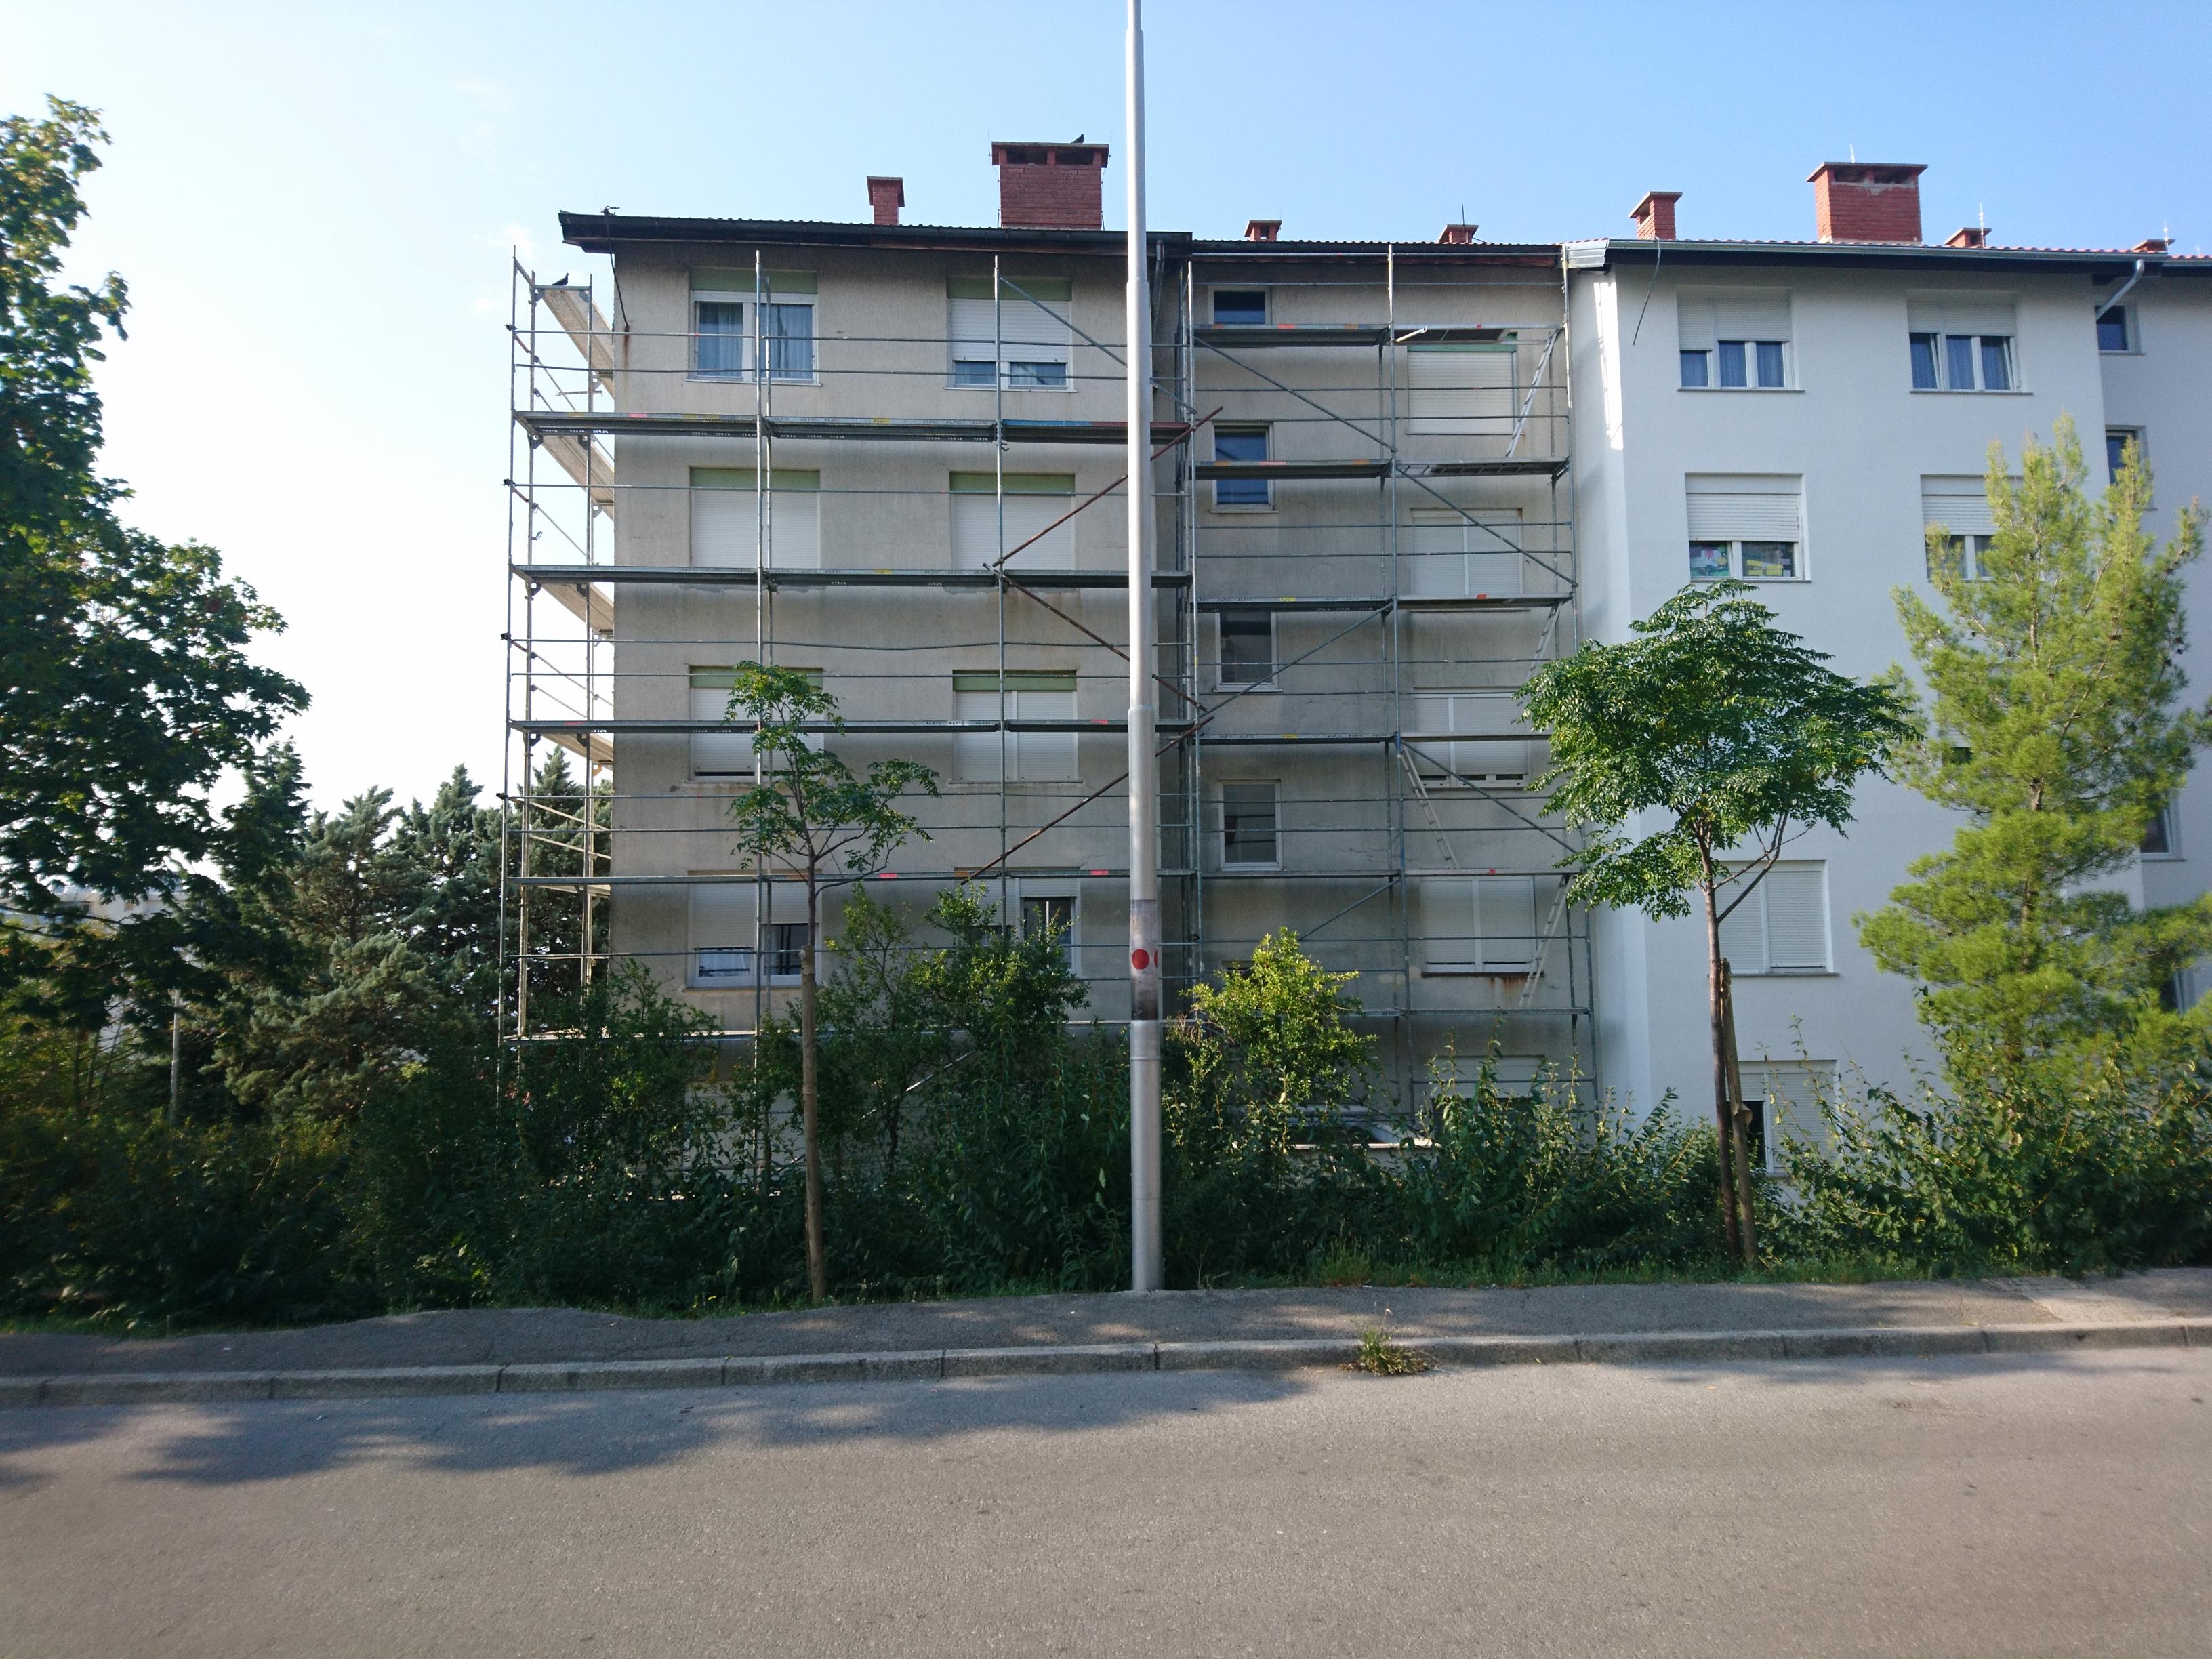 U tijeku je obnova fasade na adresi Branimira Markovića 22 u Rijeci (Podmurvice)